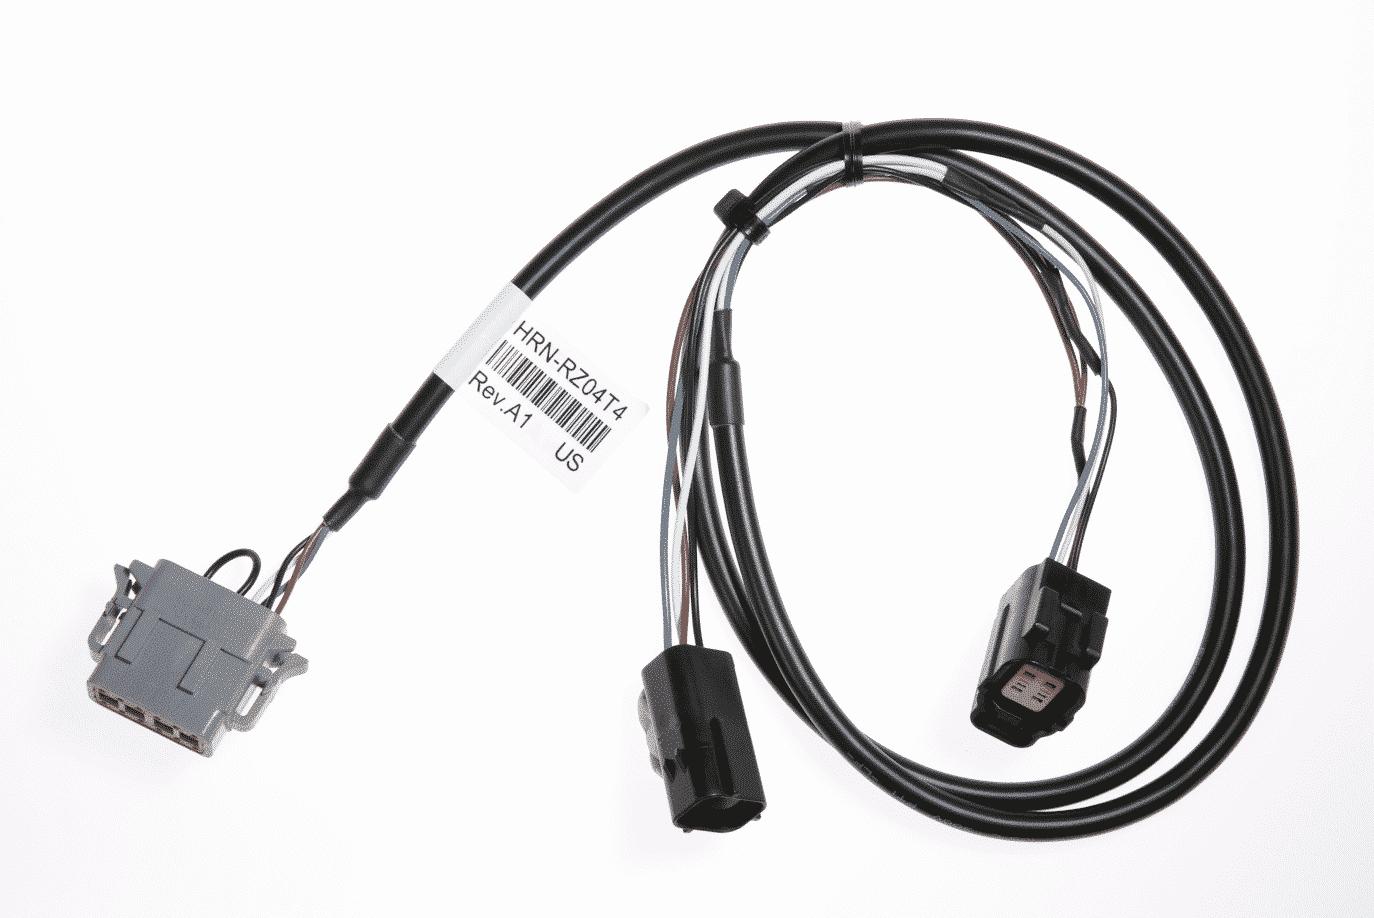 Bild: Geotab HRN-RZ04T4 Kabelbaum Adapter für Kubota Motortype MA-40-36